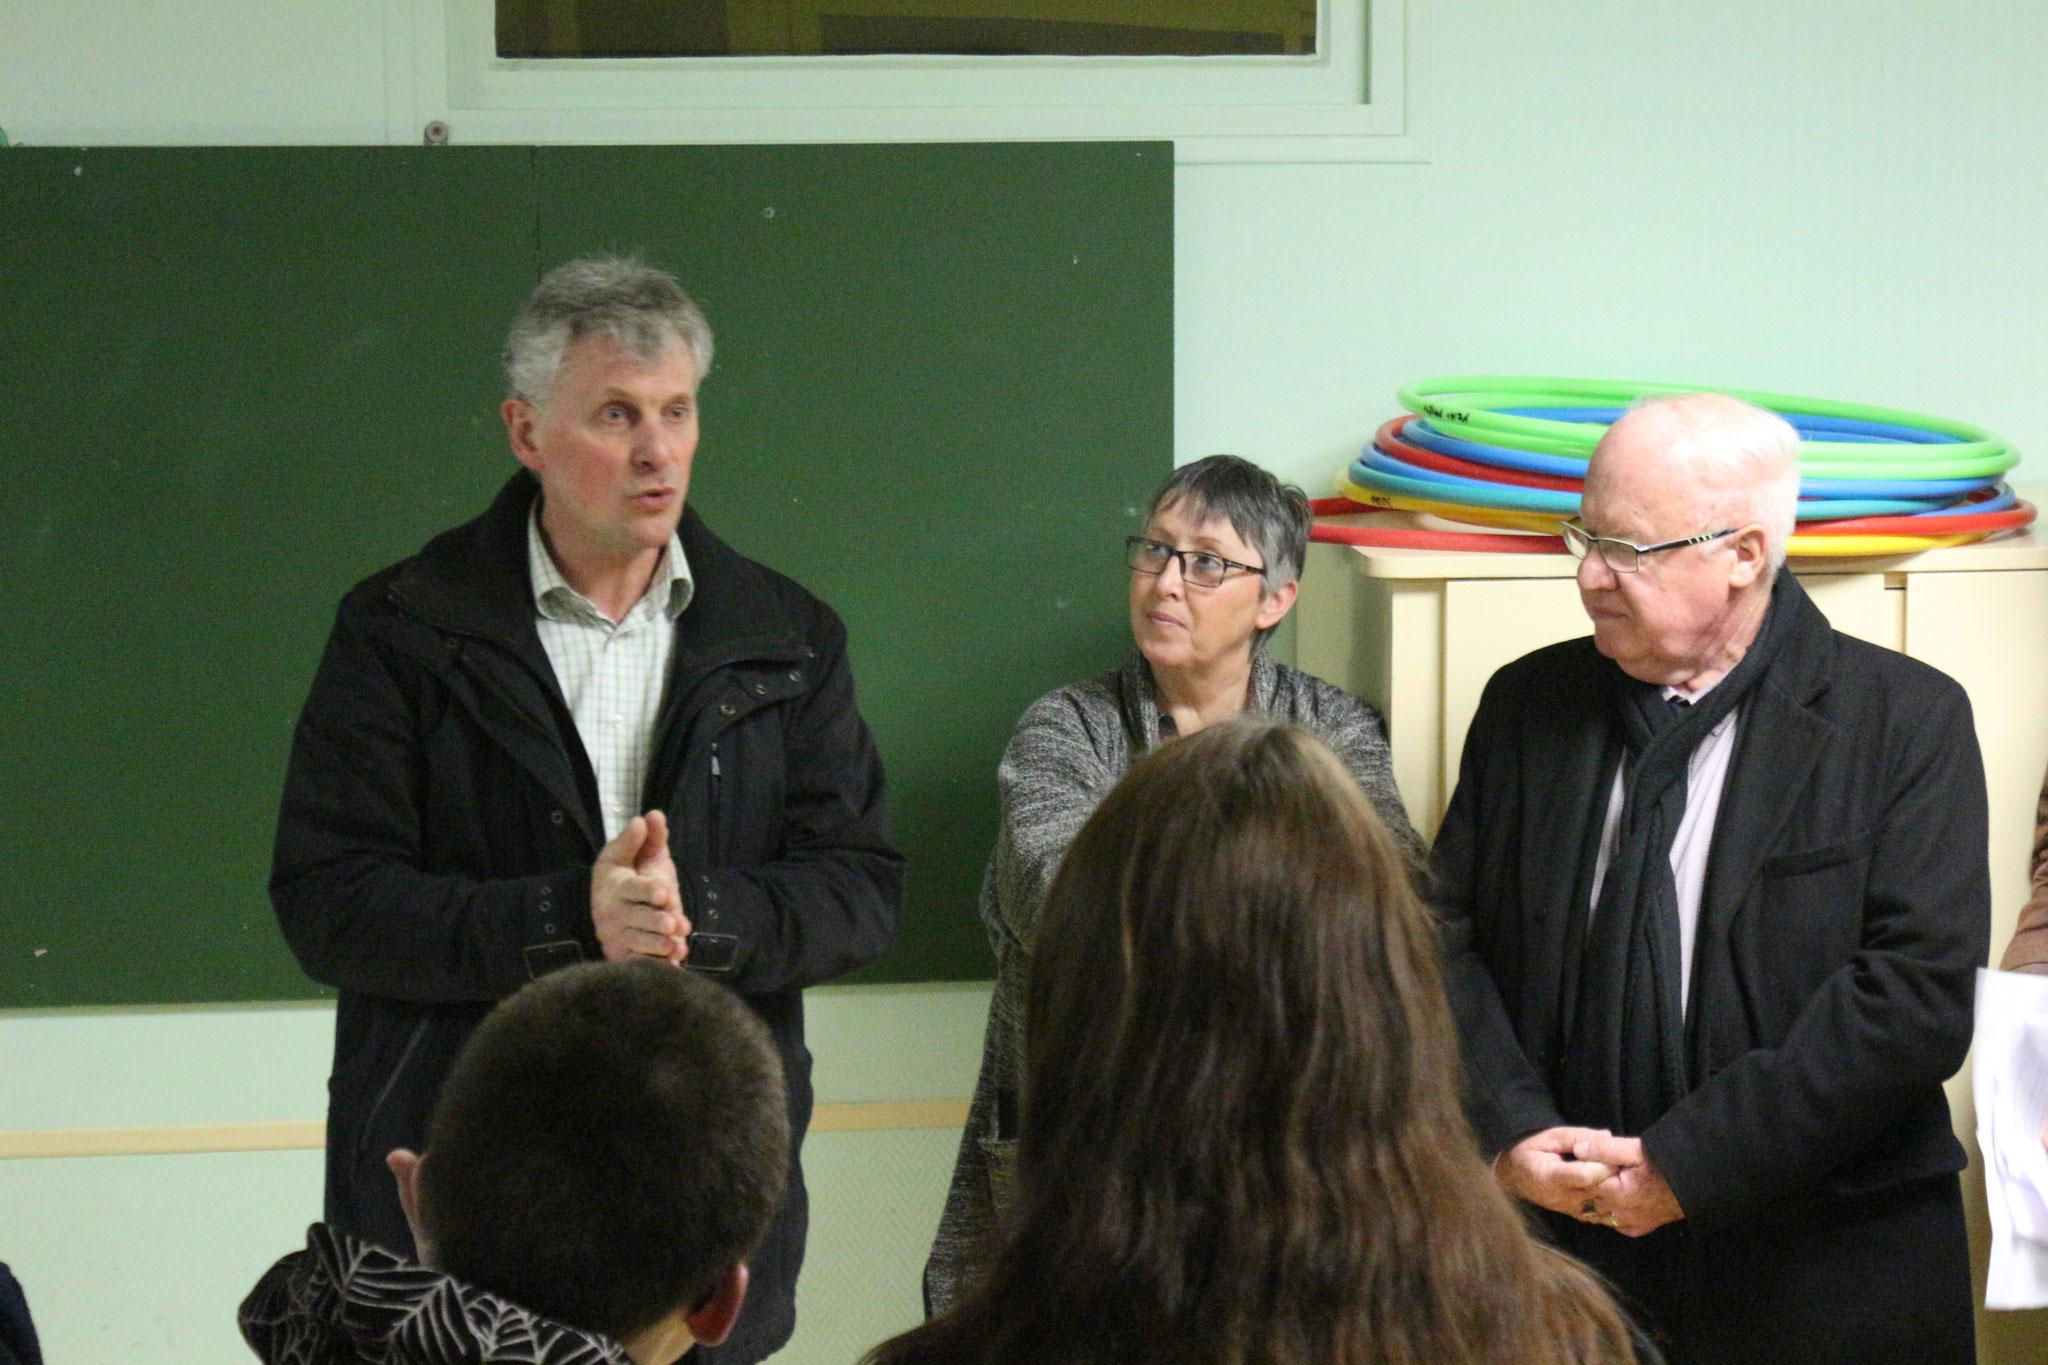 Discours de M. LEGRANCHE, représentant l'Education Nationale